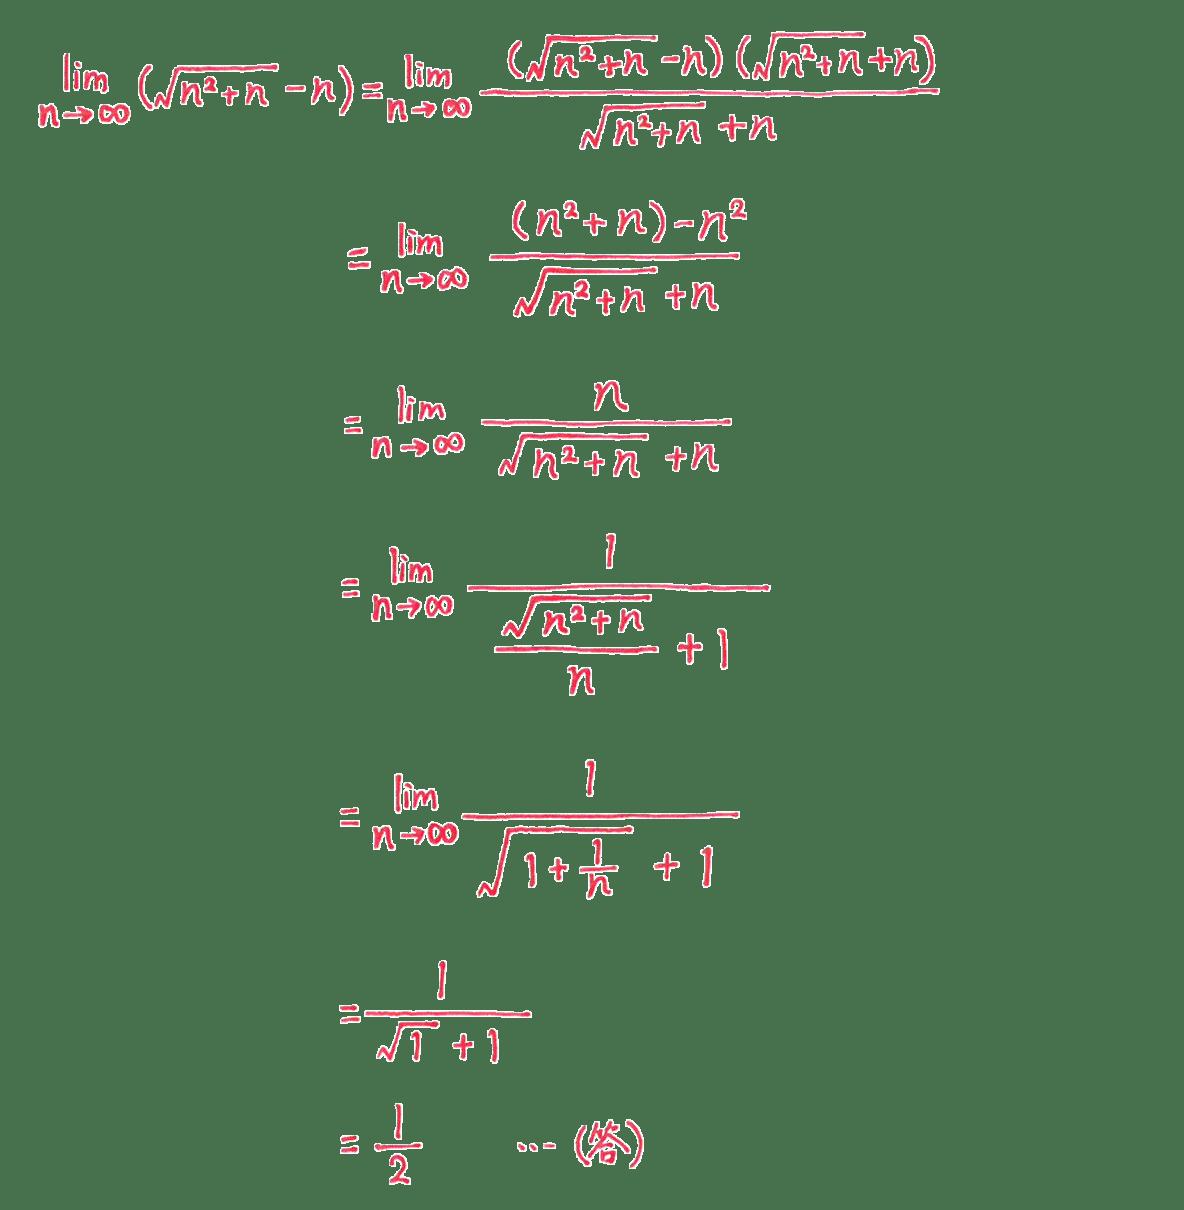 極限6 問題 解答